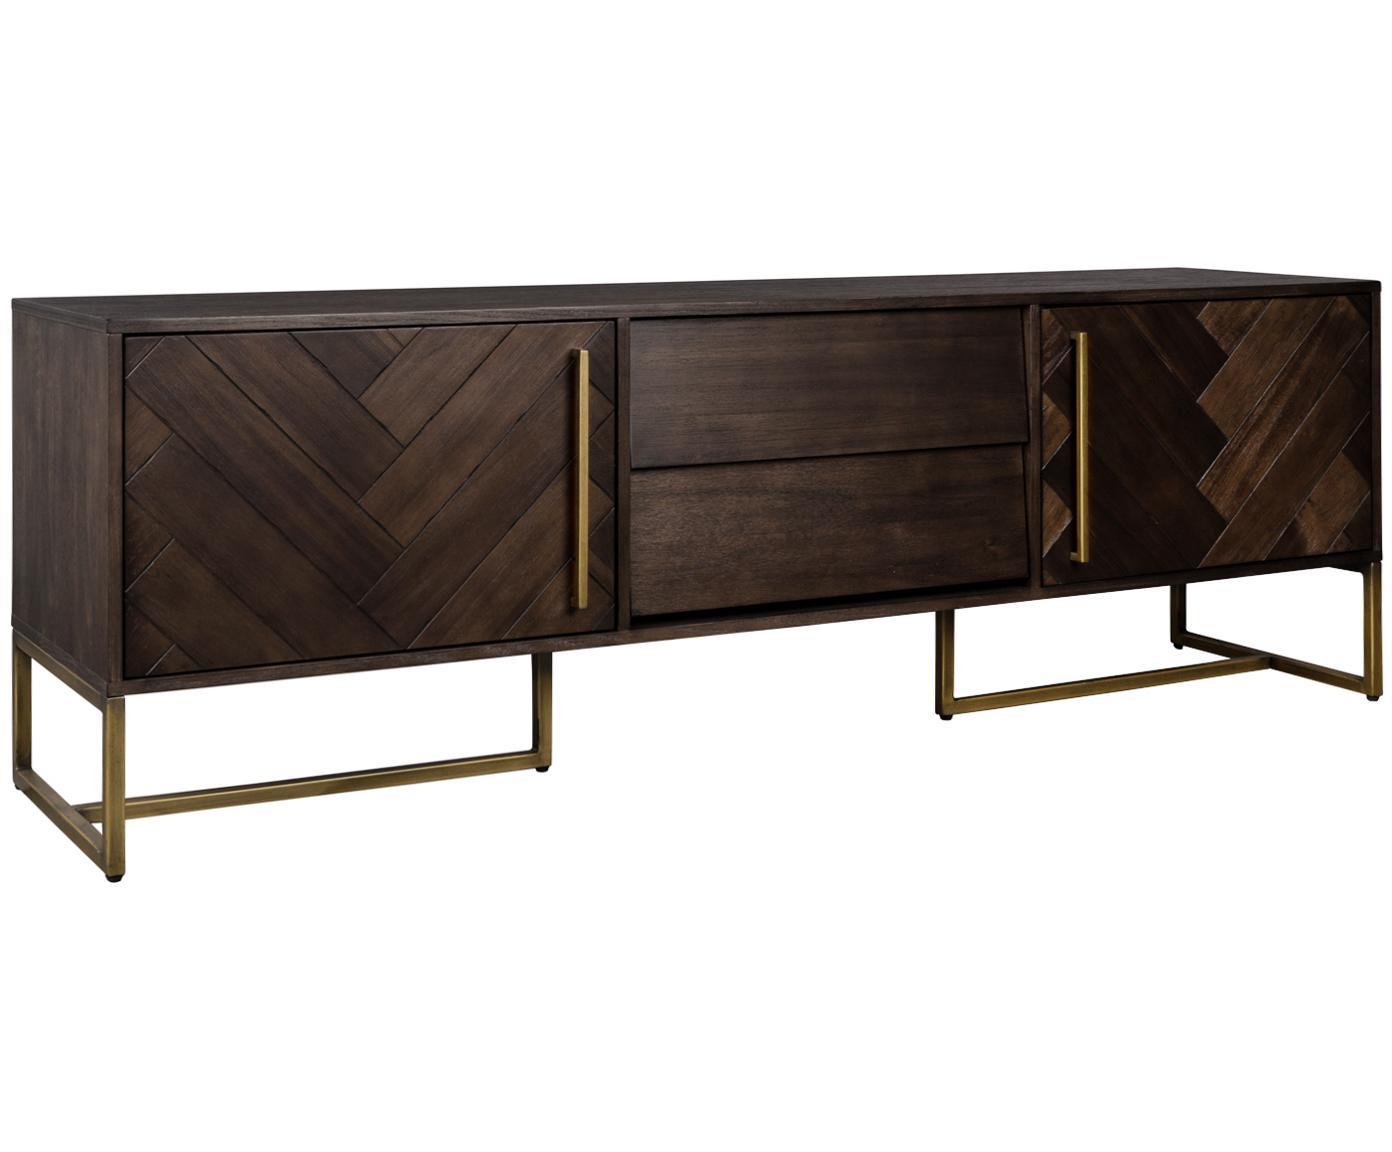 Visgraat dressoir Class met acaciahoutfineer, Frame: MDF met acaciahoutfineer, Frame: bruin. Poten en handgrepen: messingkleurig, 180 x 60 cm